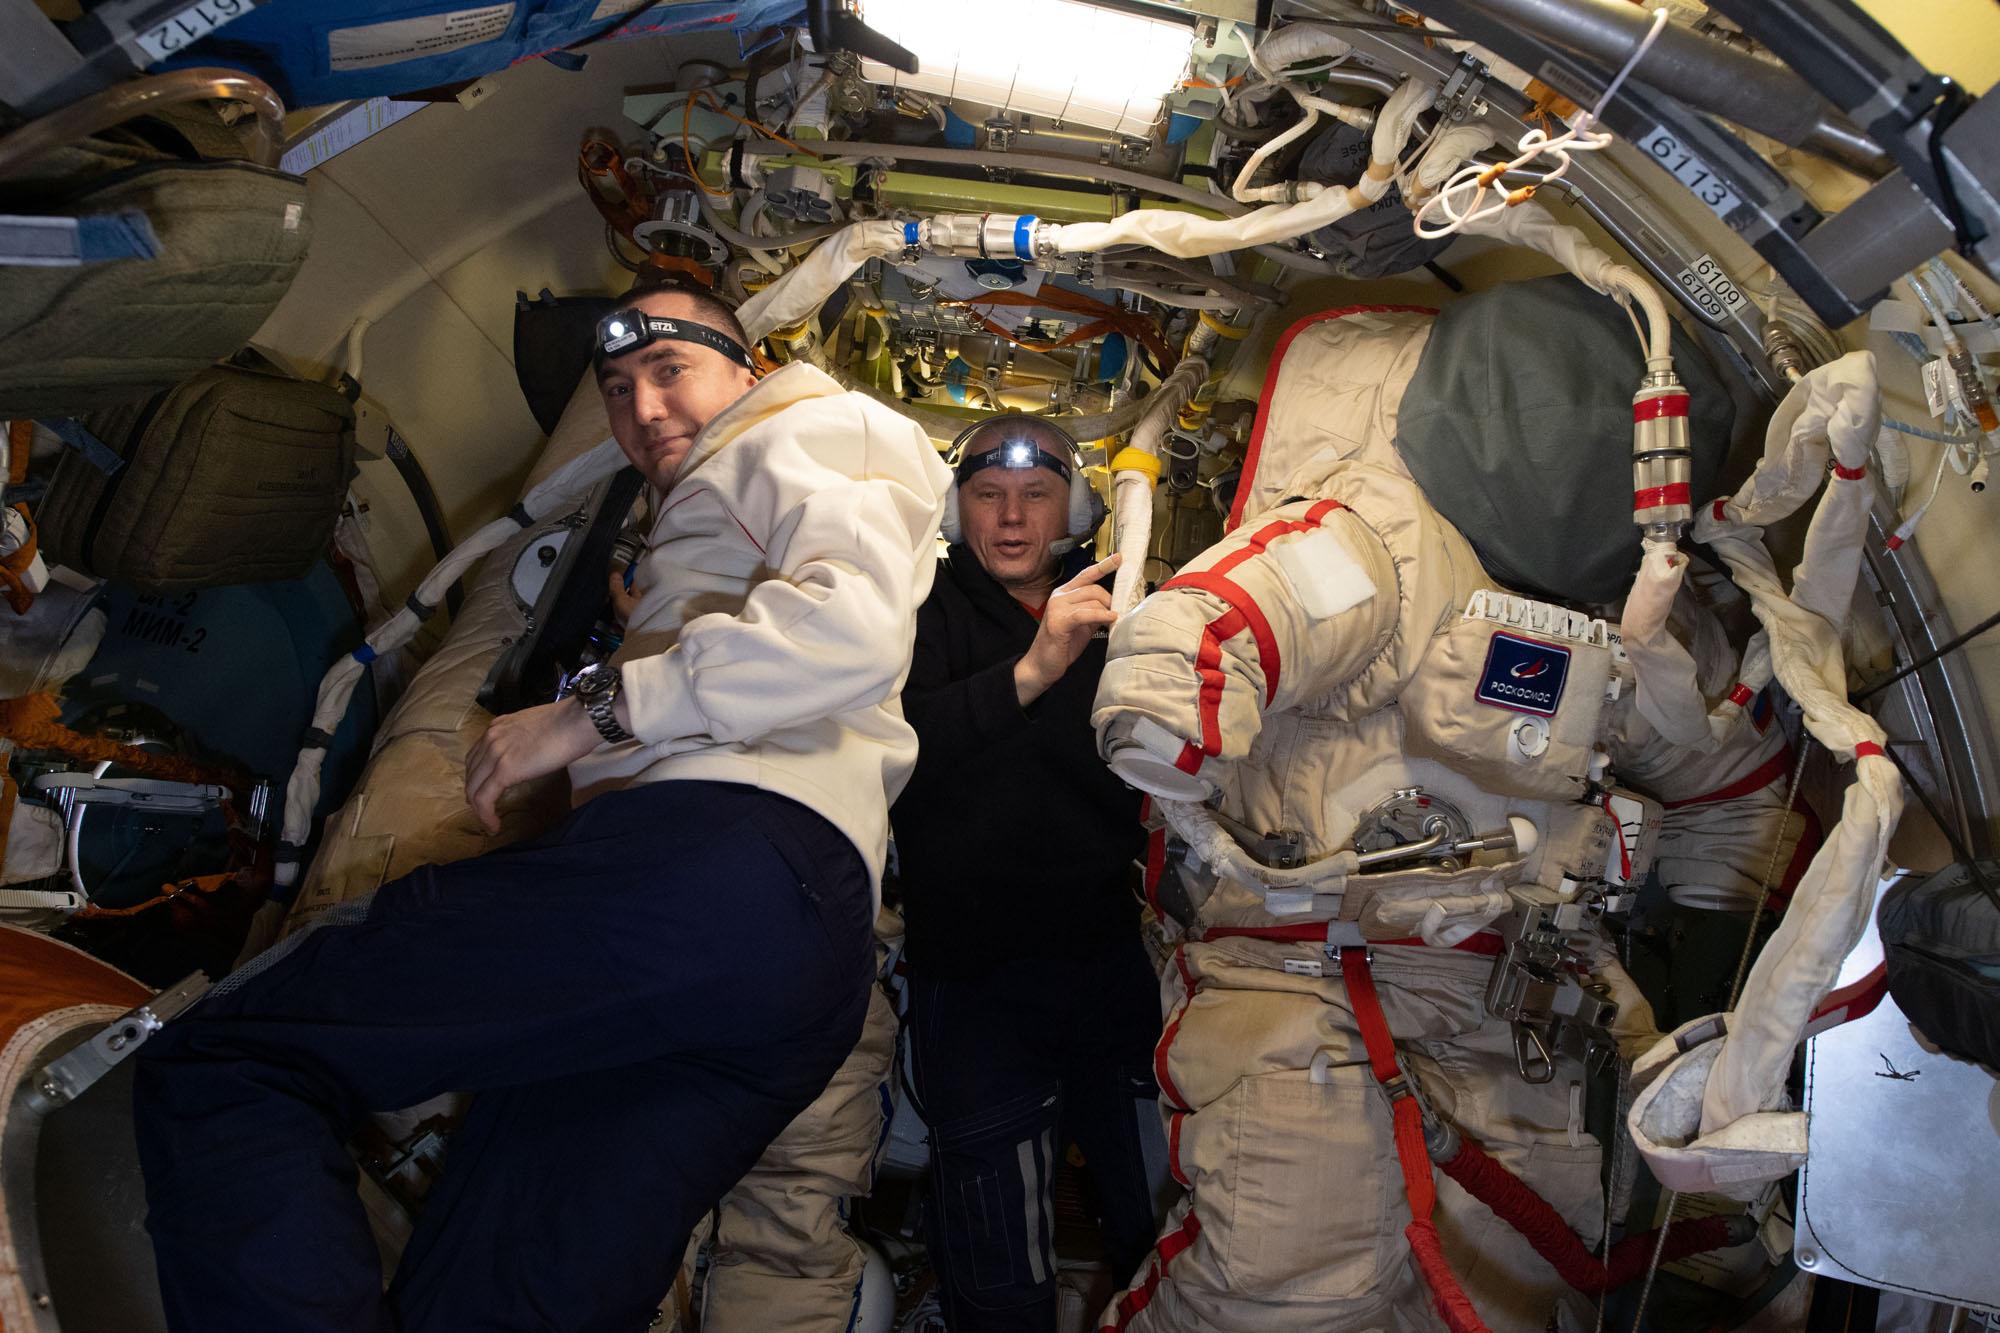 Pyotr Dubrov (à gauche) et Oleg Novitskiy préparent des combinaisons spatiales russes Orlan à l'intérieur du module Poisk de la Station spatiale internationale.